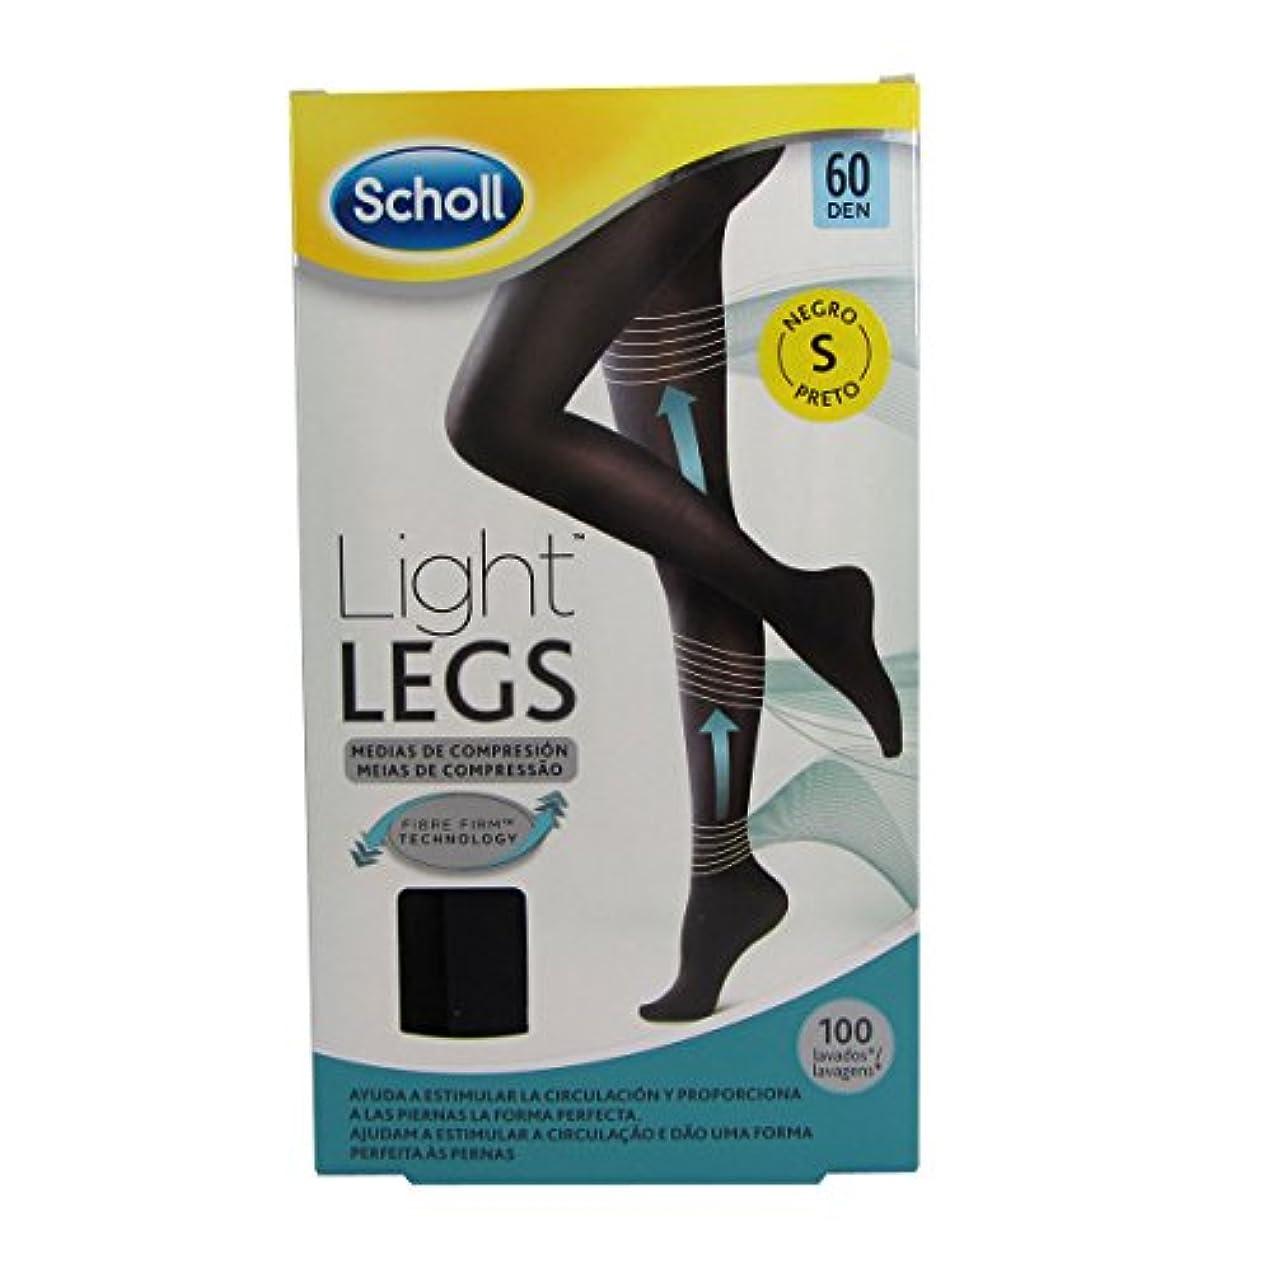 リーダーシップバイナリバーベキューScholl Light Legs Compression Tights 60den Black Small [並行輸入品]